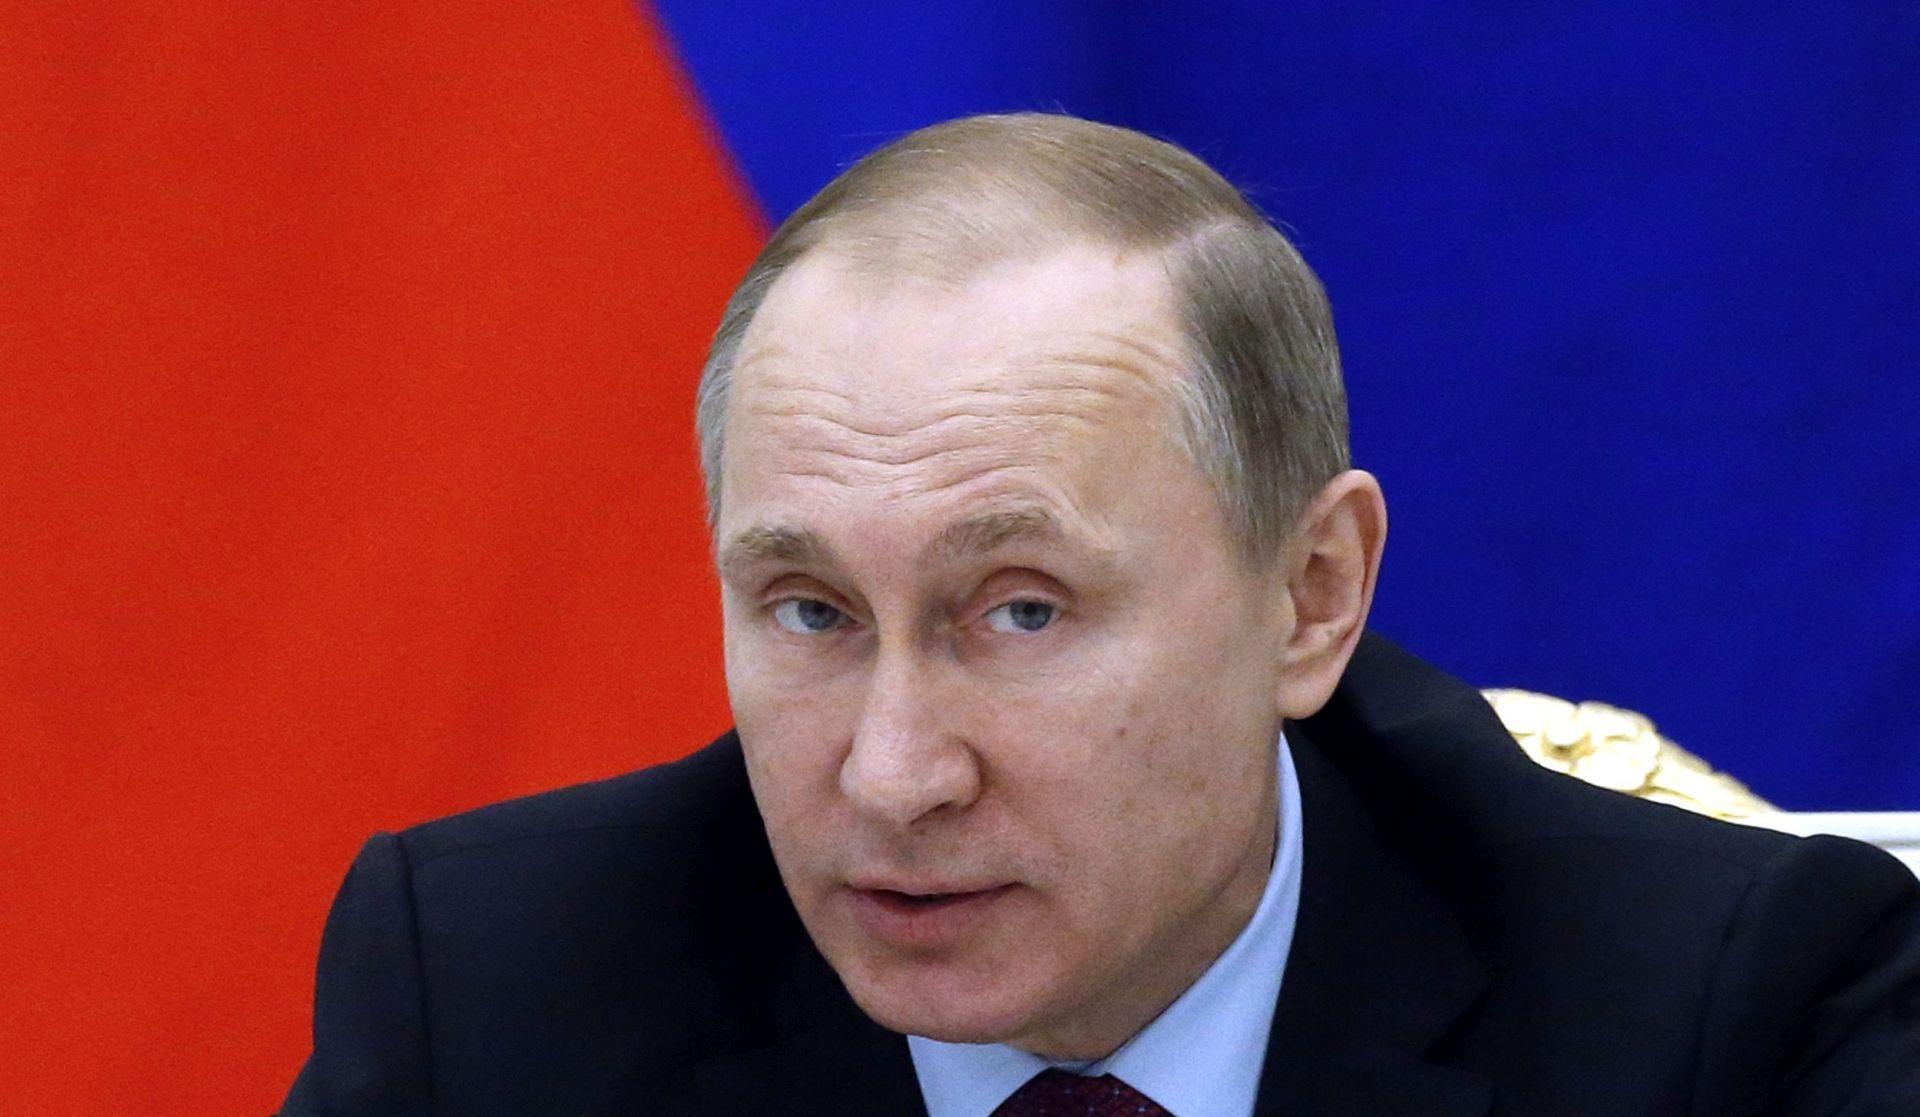 Putin u novogodišnjoj čestitki zahvalio ruskim vojnicima na borbi protiv terorizma